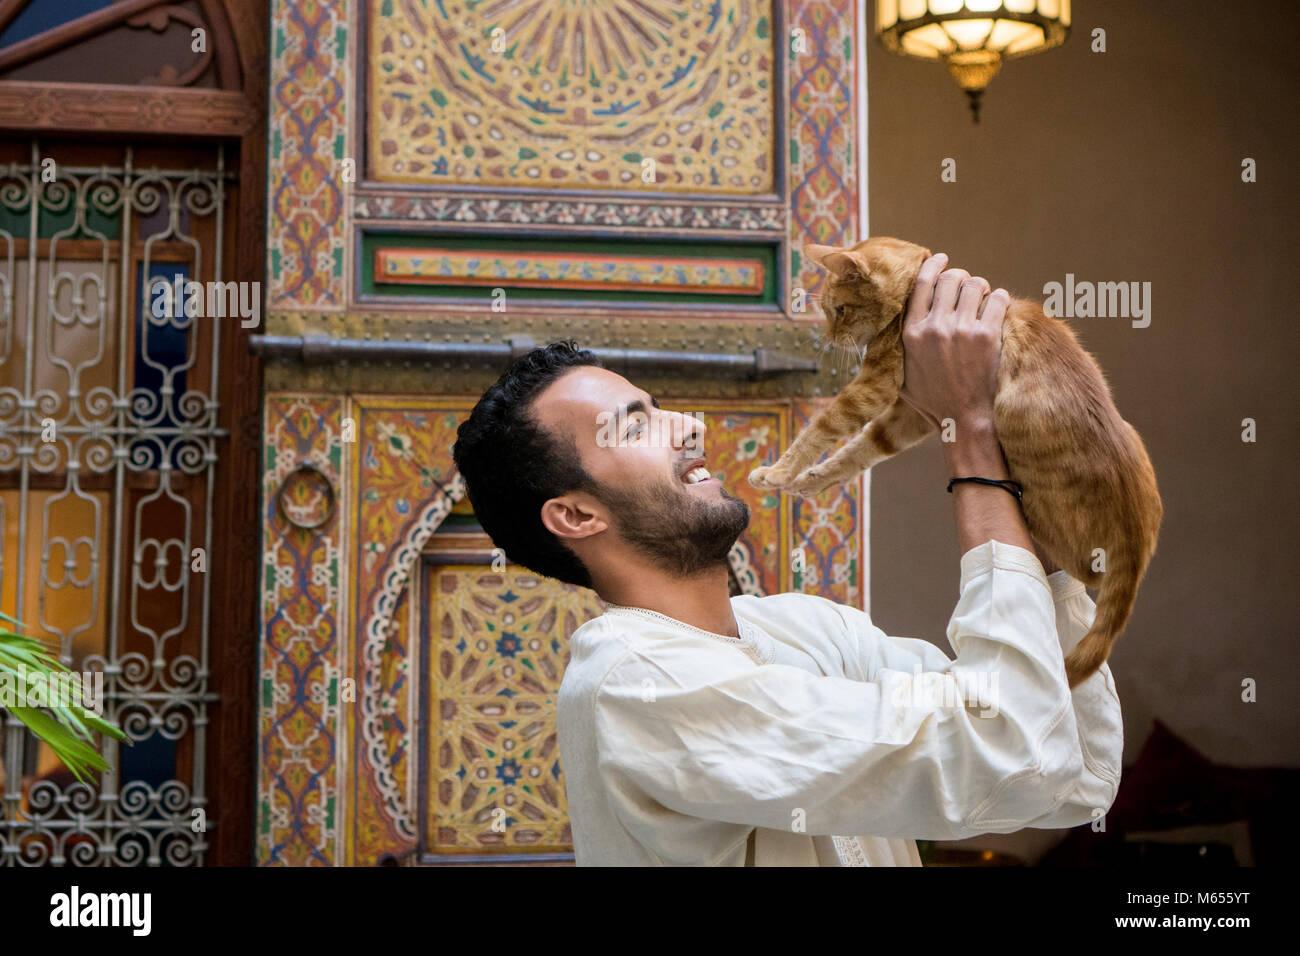 Giovani Musulmani uomo in abbigliamento tradizionale tenendo un gatto giallo in un tradizionale ambiente Marocchino Immagini Stock